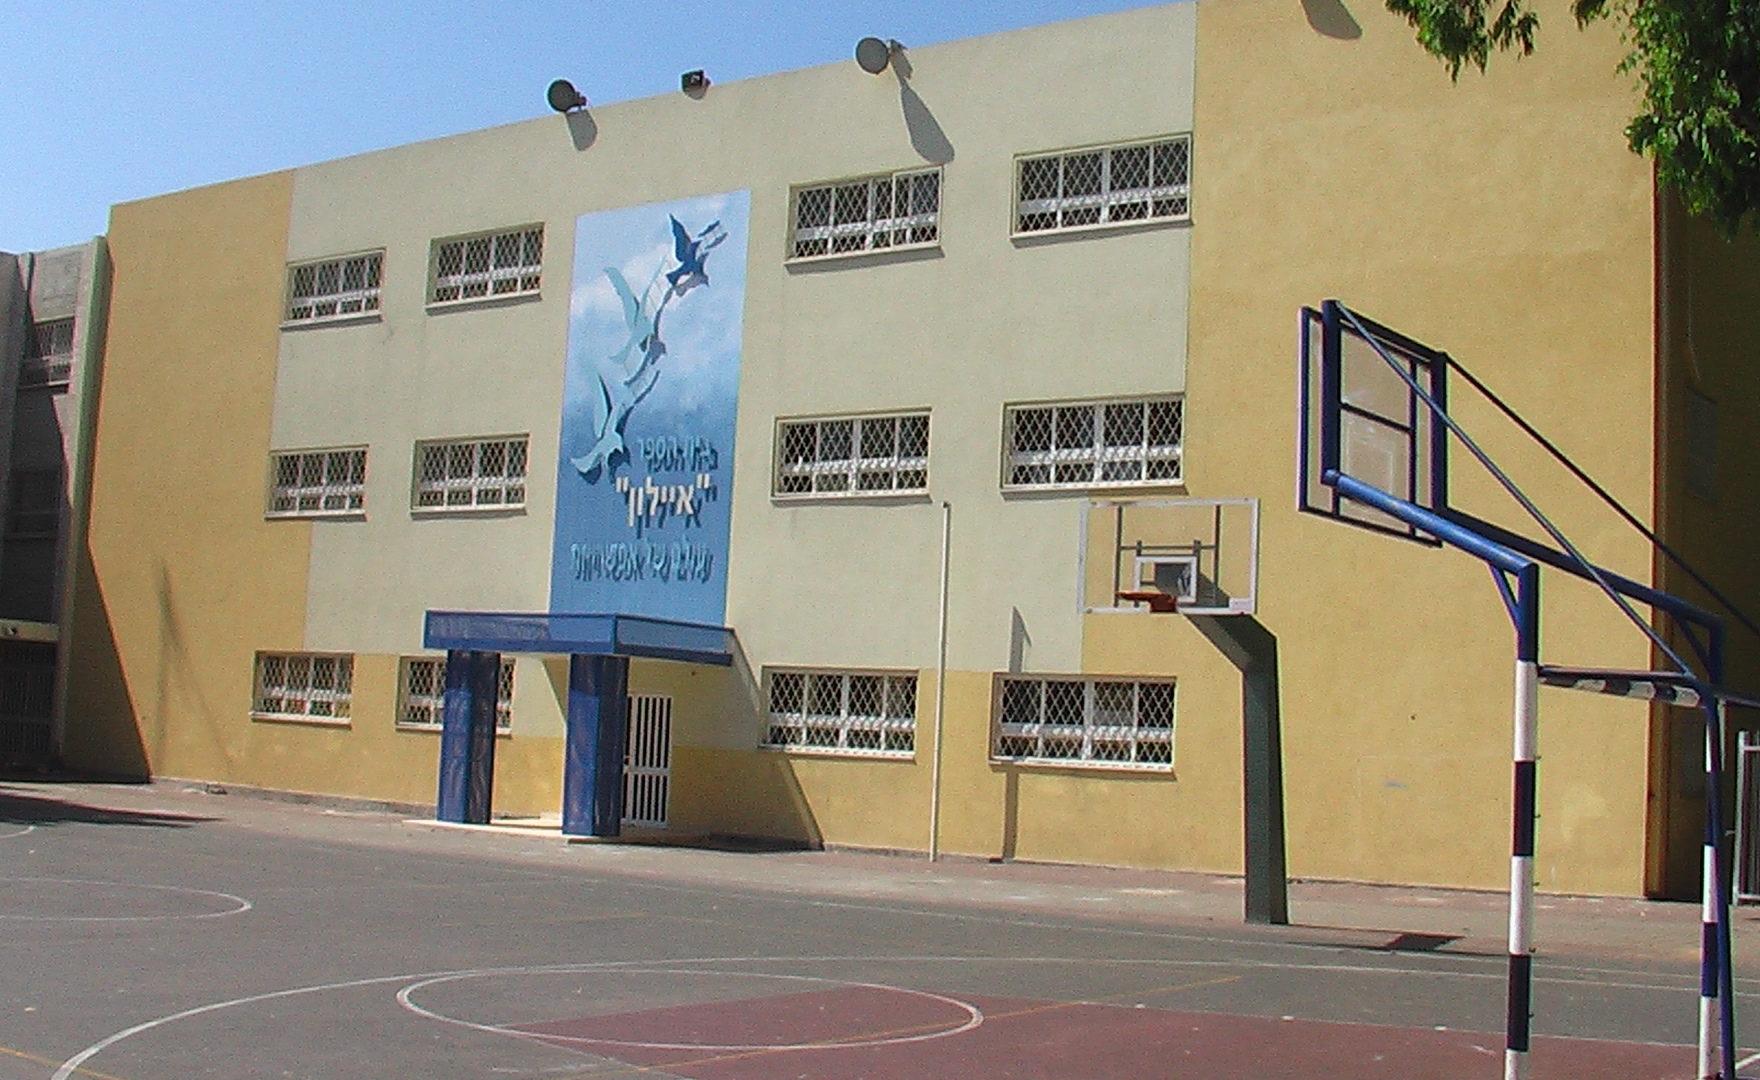 לבית הספר שבתמונה אין קשר לידיעה